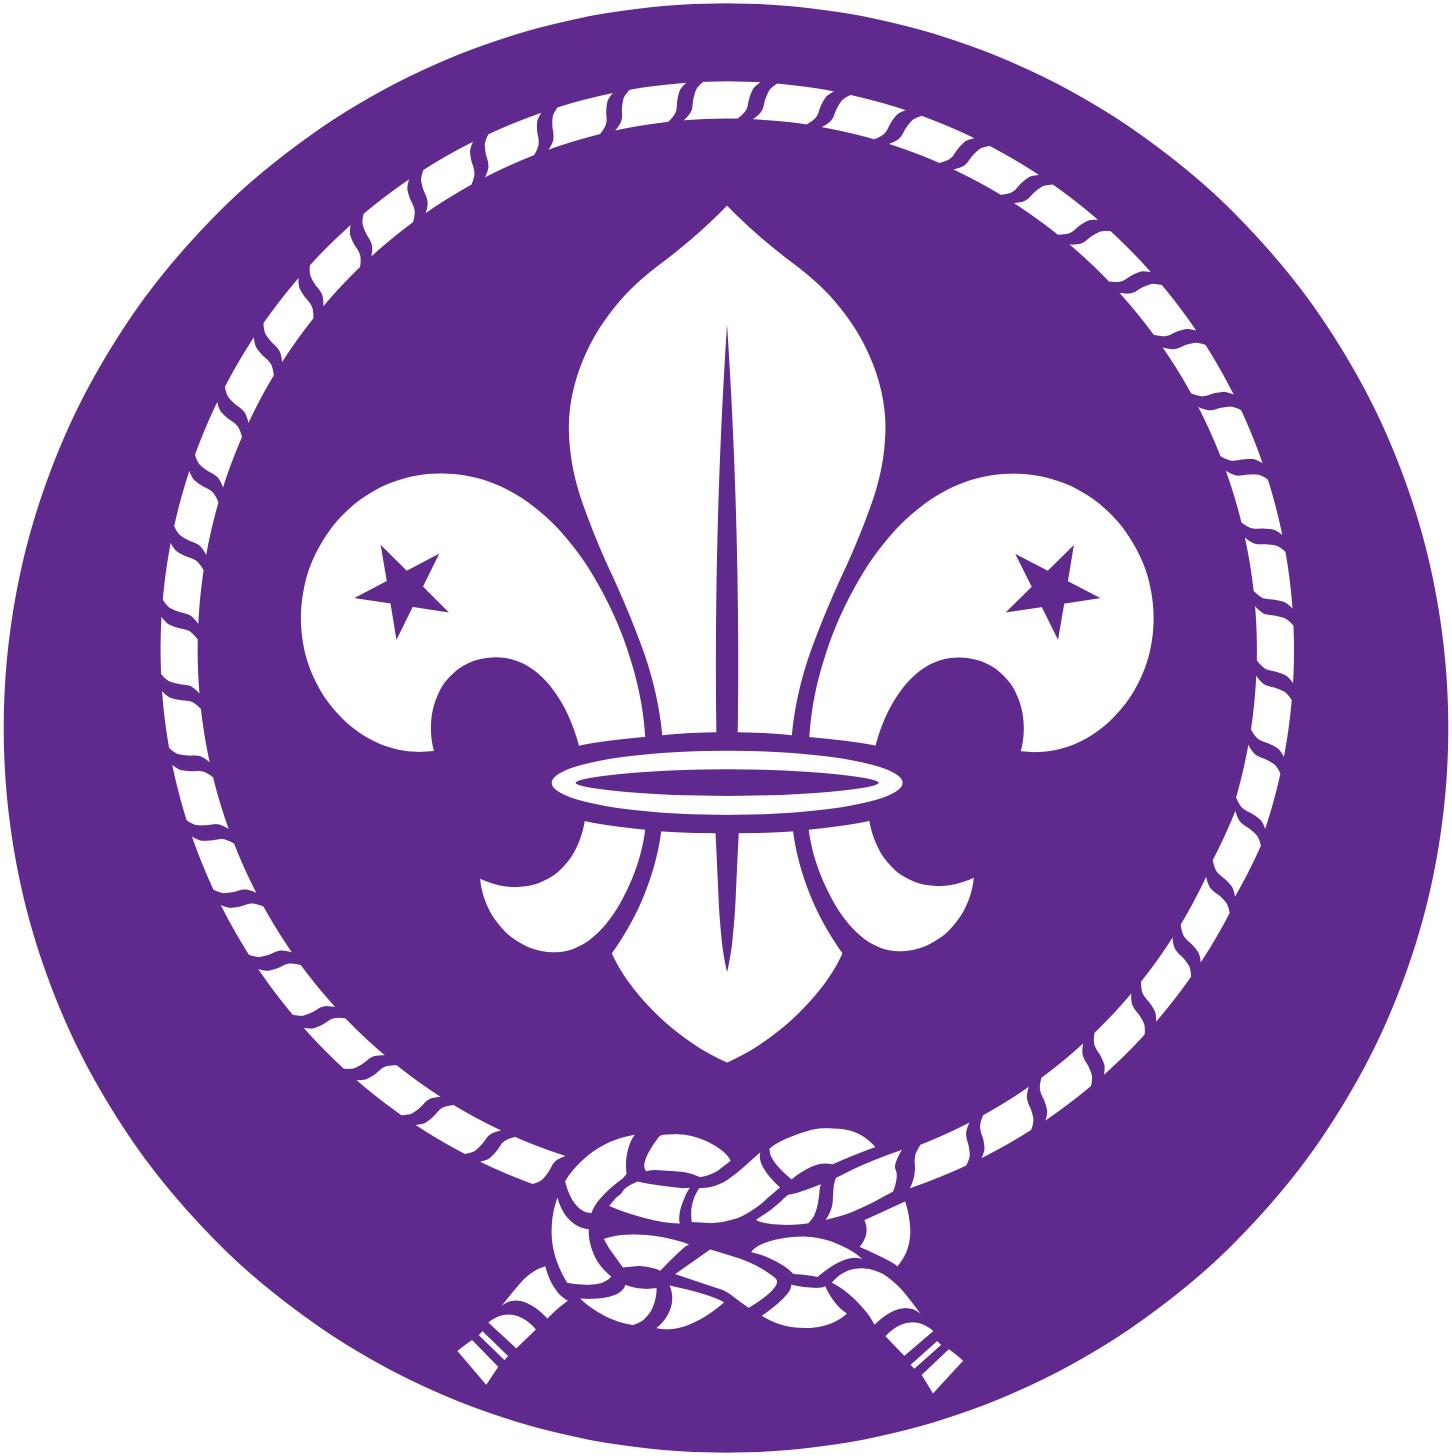 Weltbund der Pfadfinder (World Organization of the Scout Movement, WOSM)